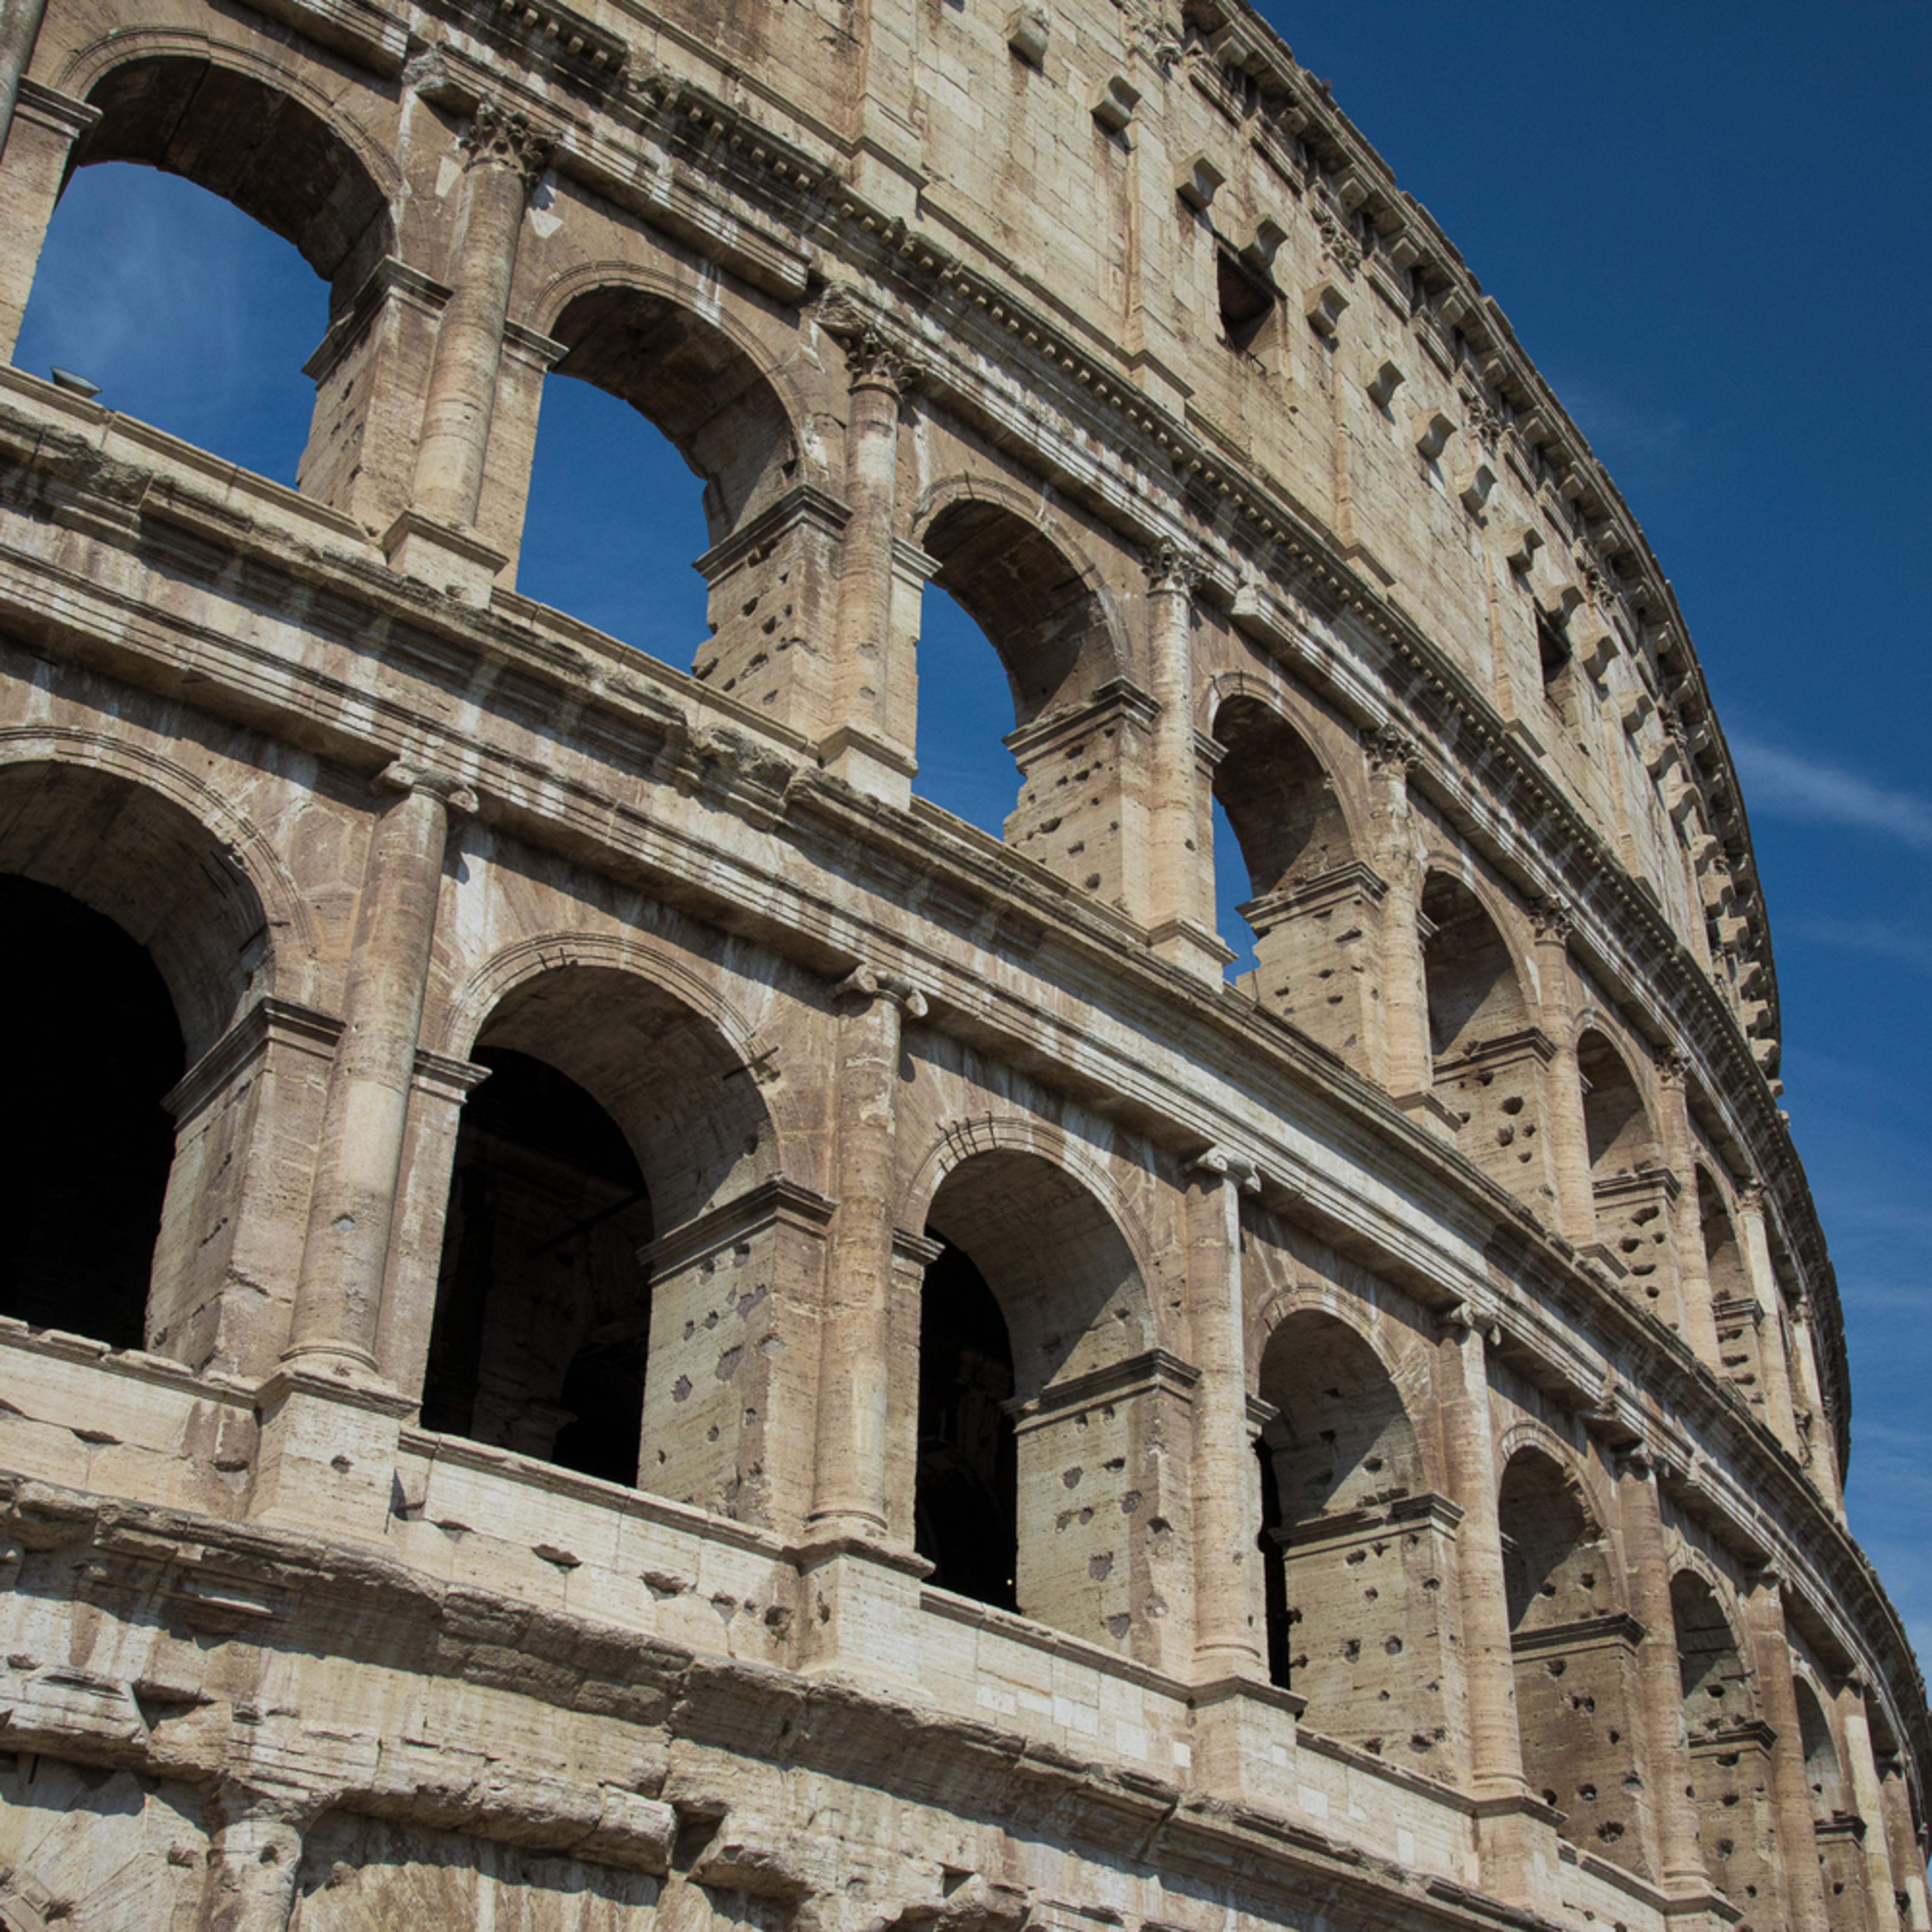 Rome coliseum 1 klf76i